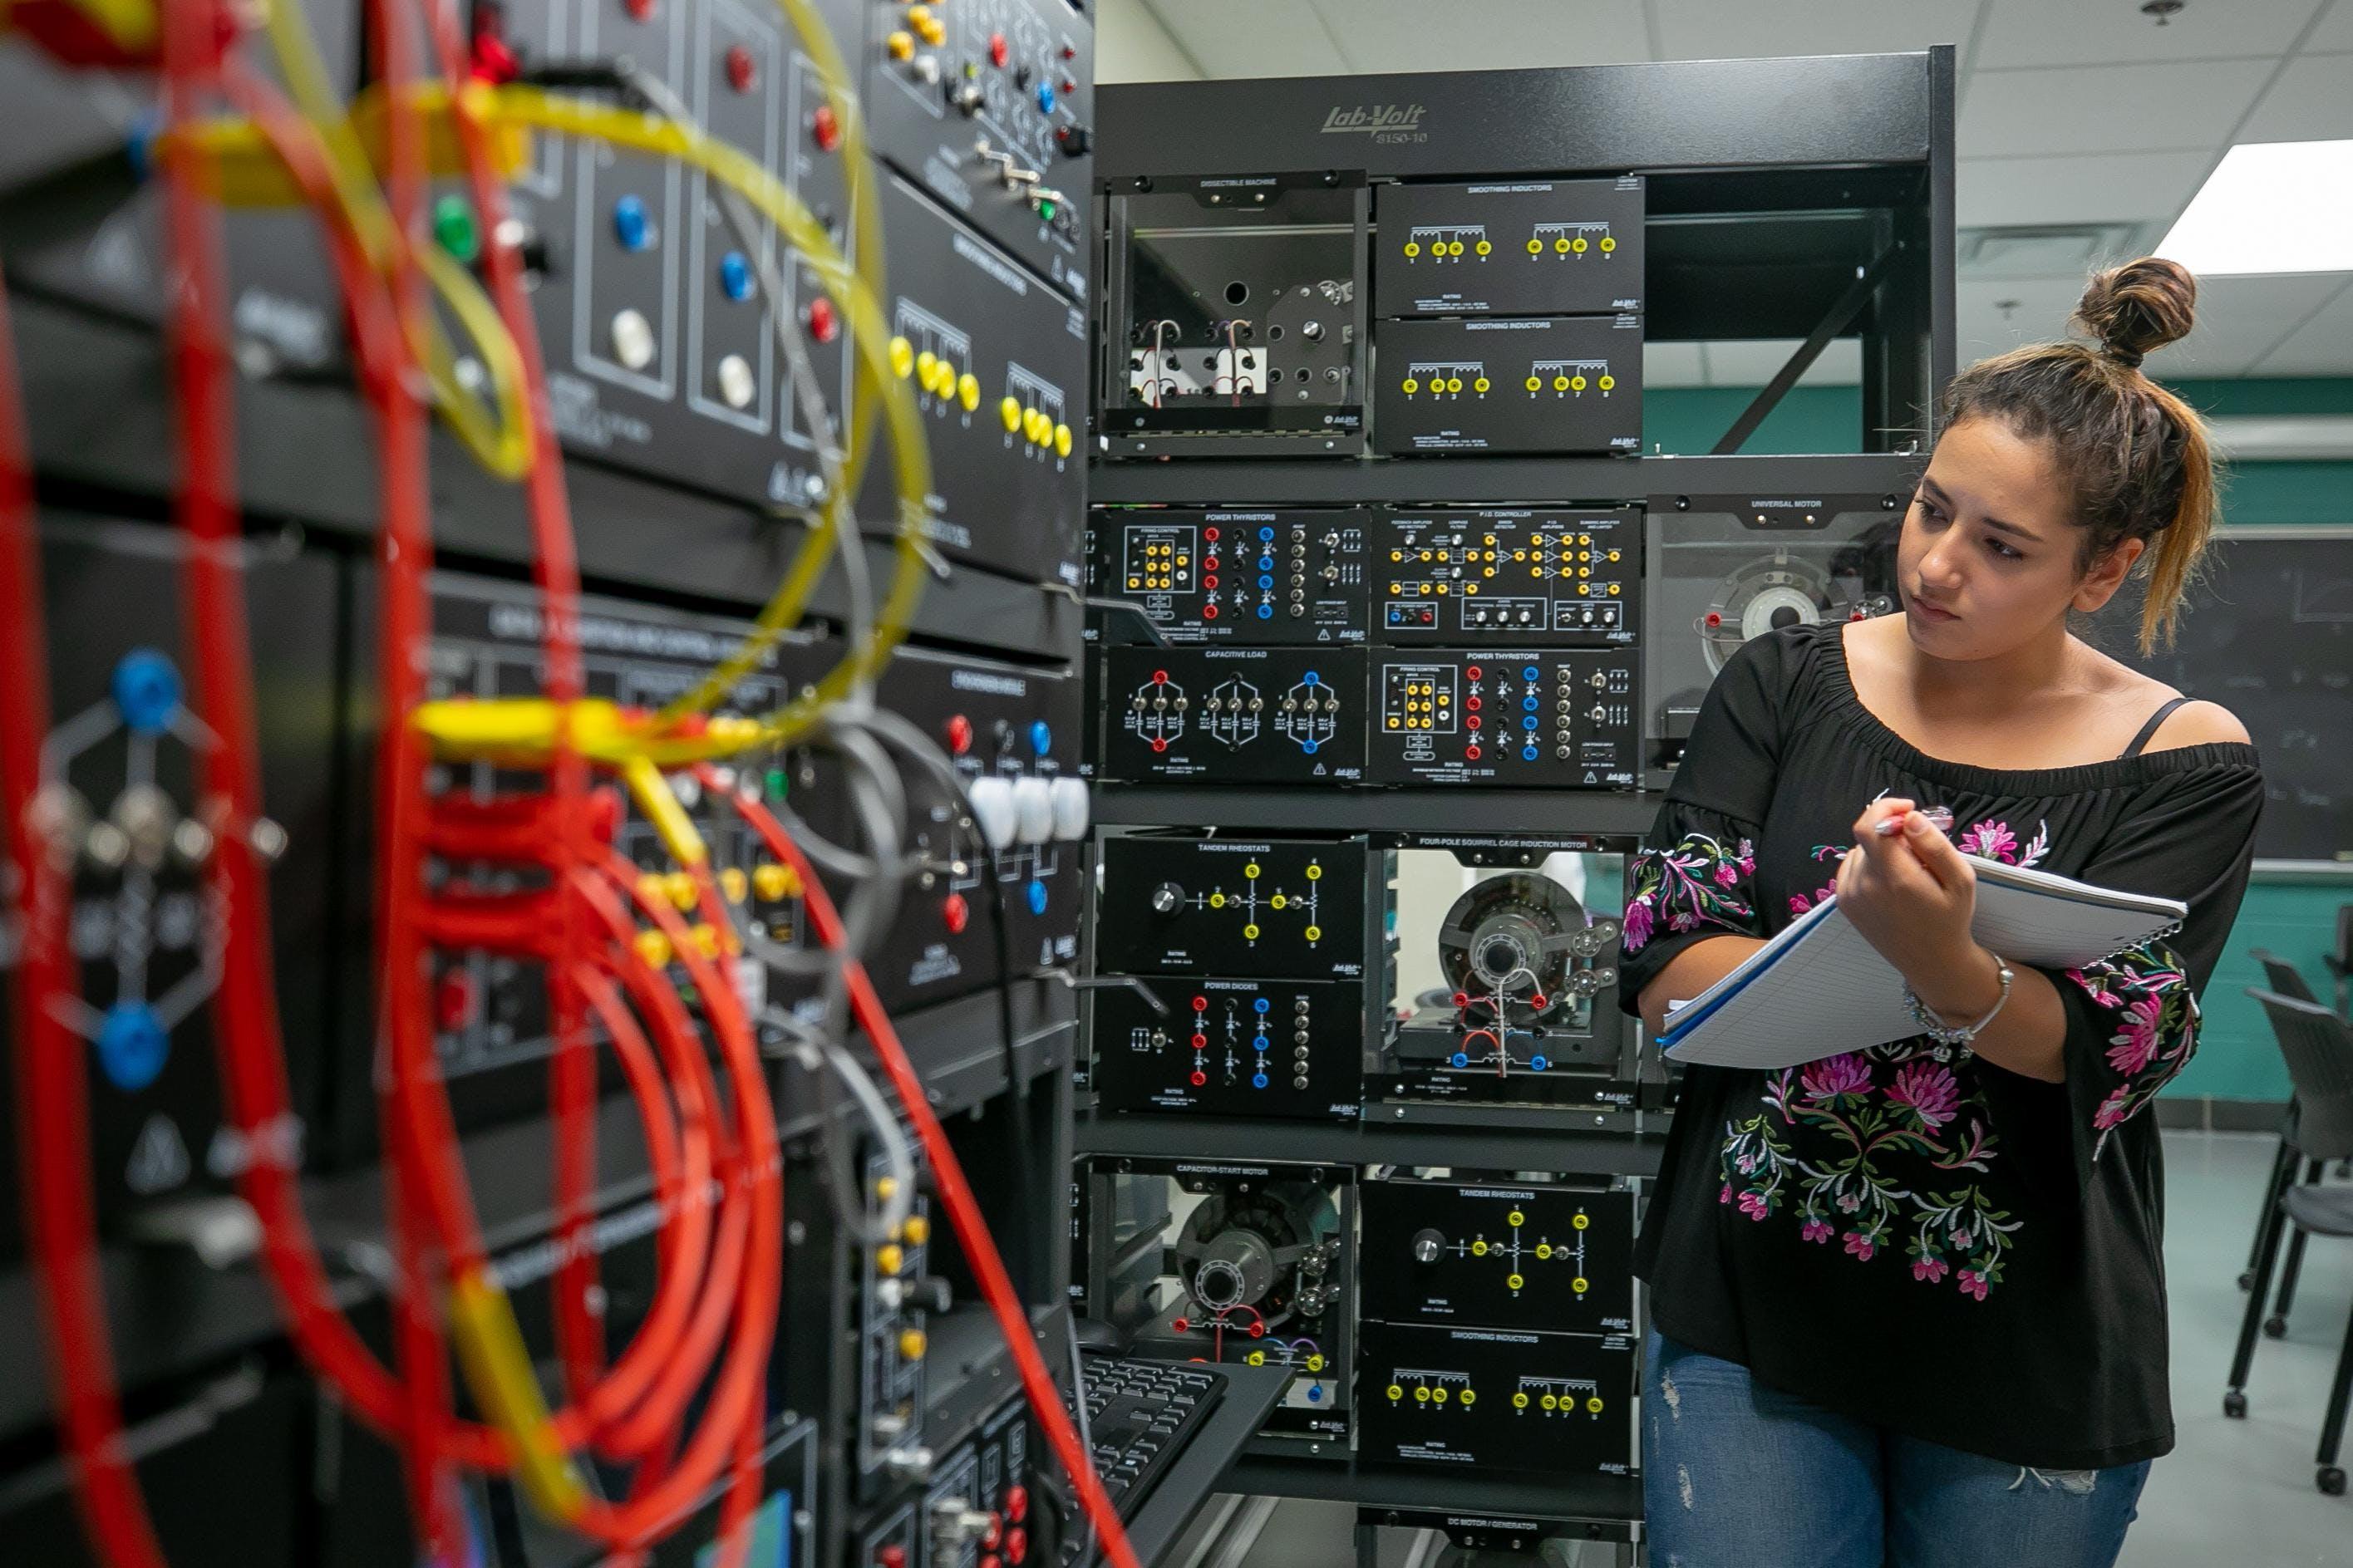 UK Women in Engineering (WIE) Day